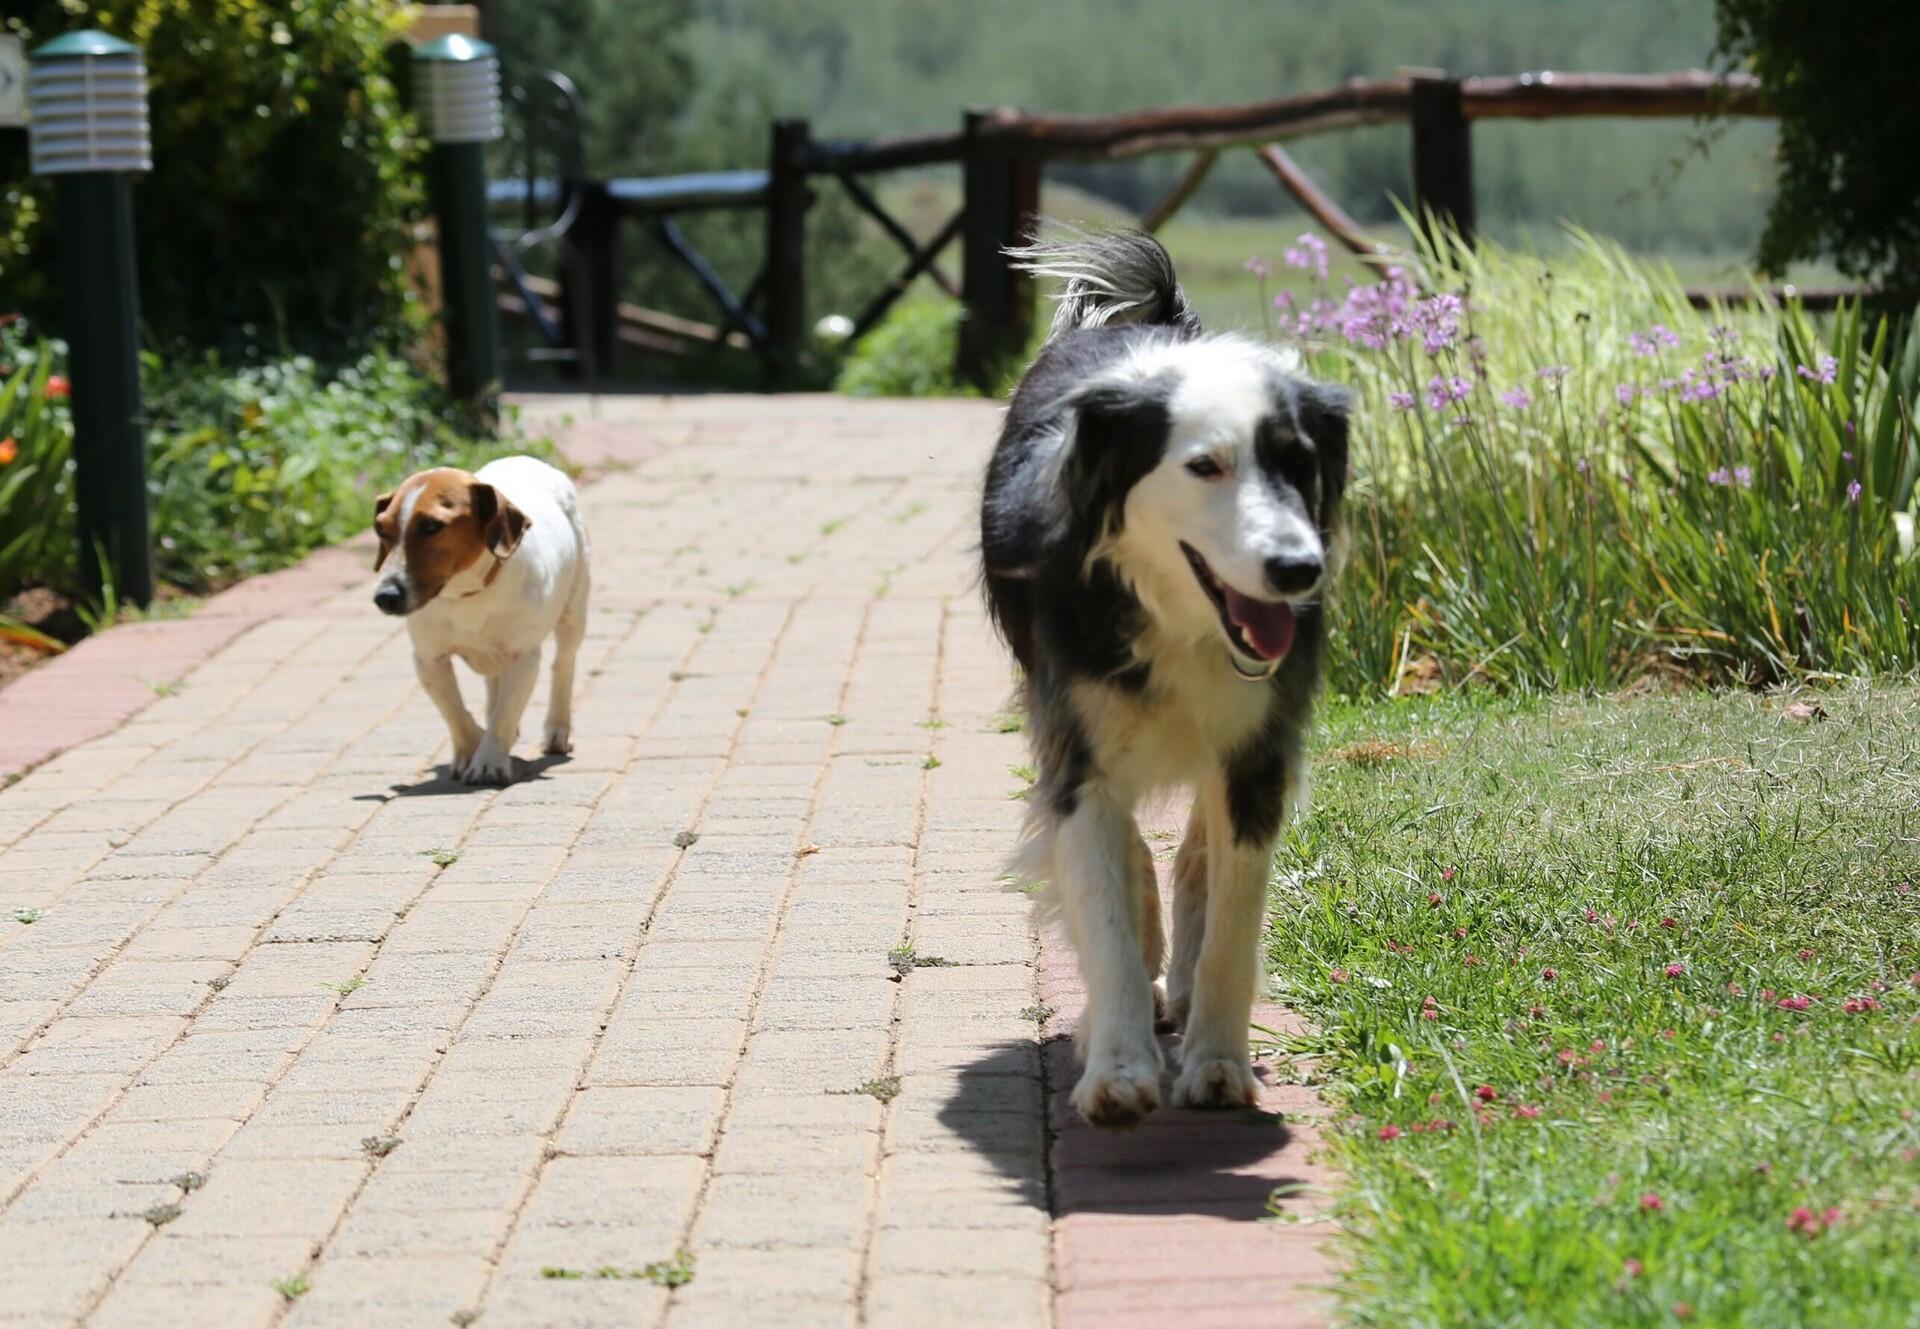 Der Asphalt kann schnell zu heiß für Hundepfoten werden.